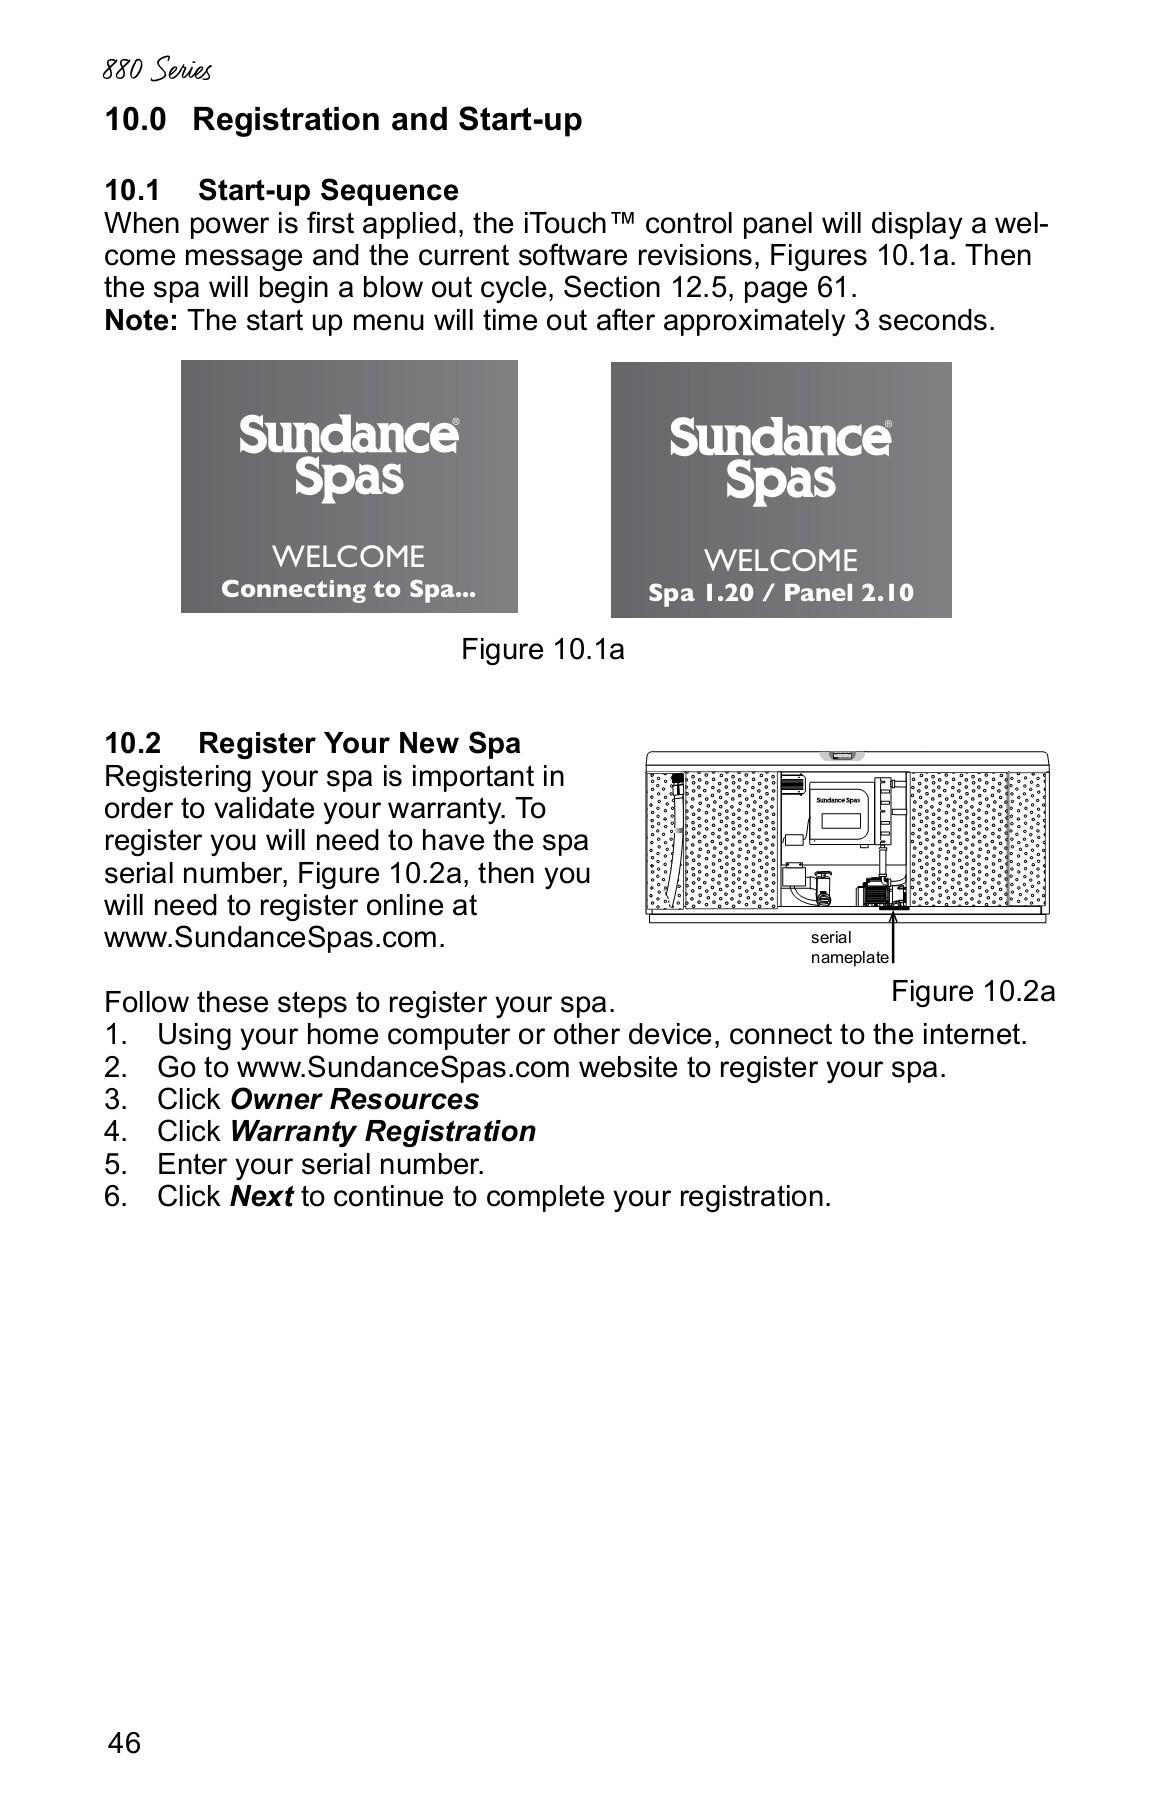 sundance cameo wiring diagram wiring diagram [ 1165 x 1800 Pixel ]